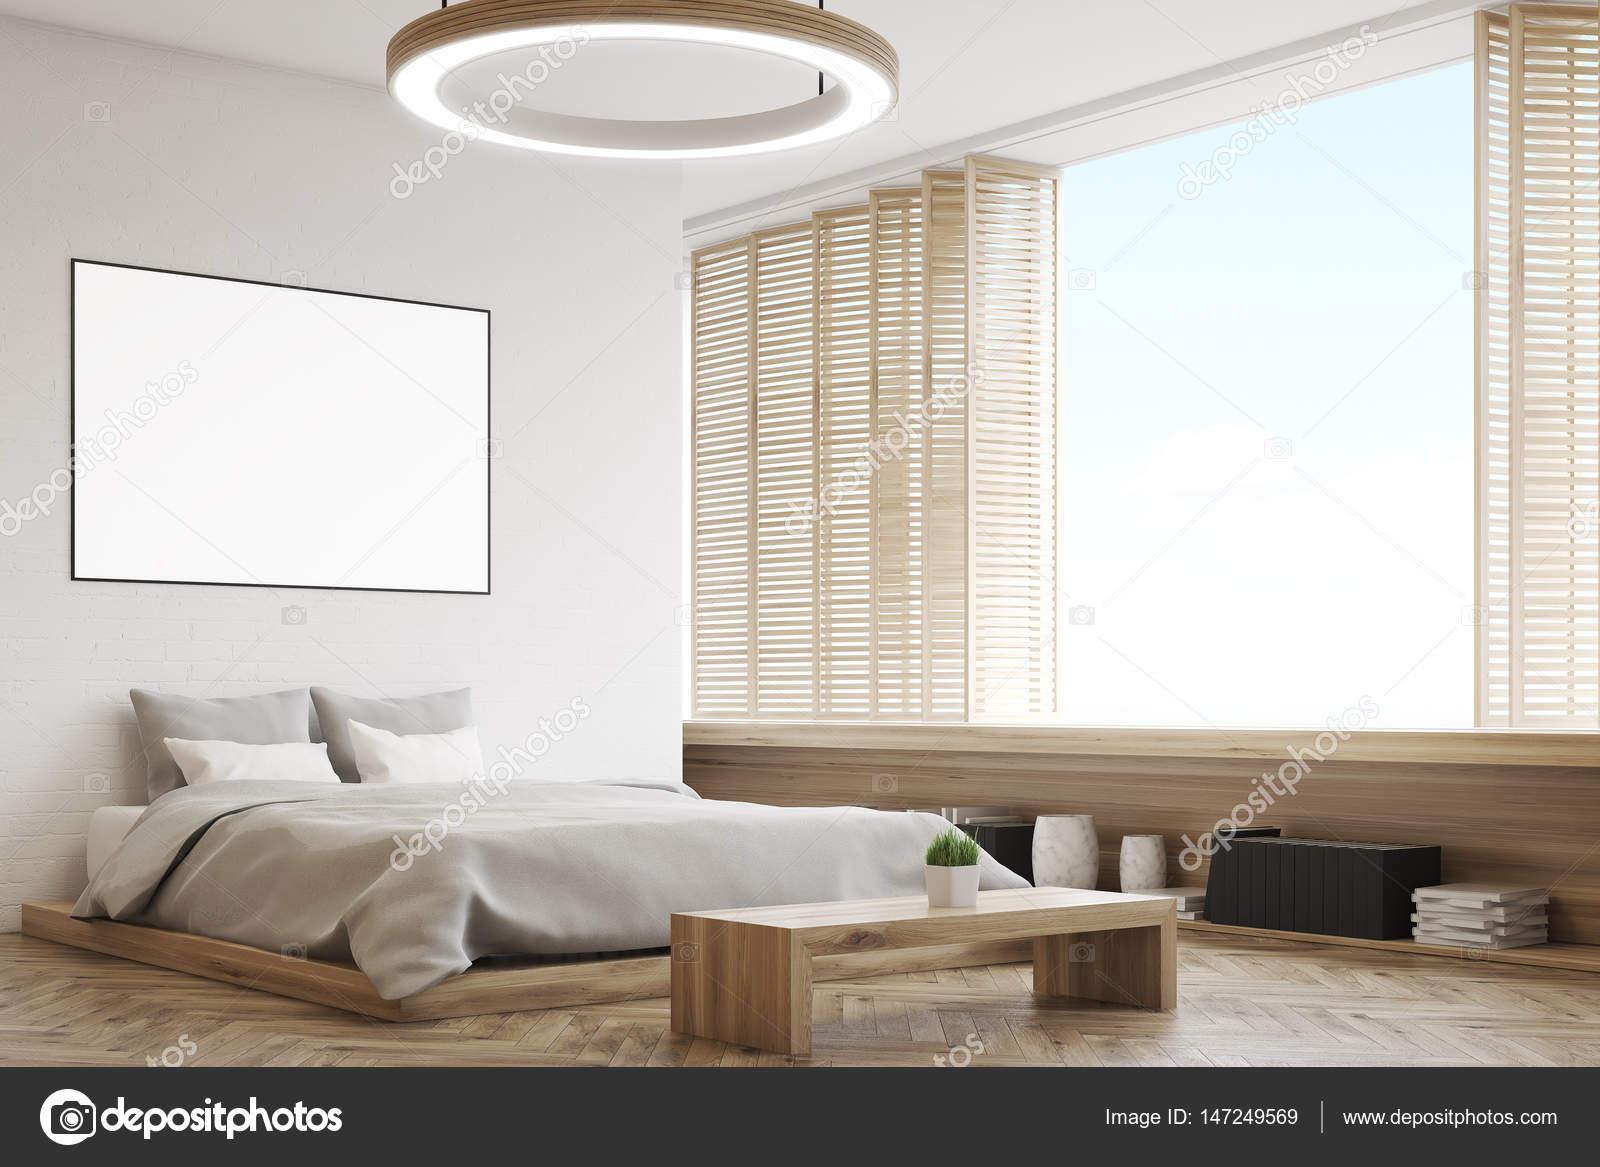 https://st3.depositphotos.com/2673929/14724/i/1600/depositphotos_147249569-stockafbeelding-hoek-van-een-slaapkamer-met.jpg